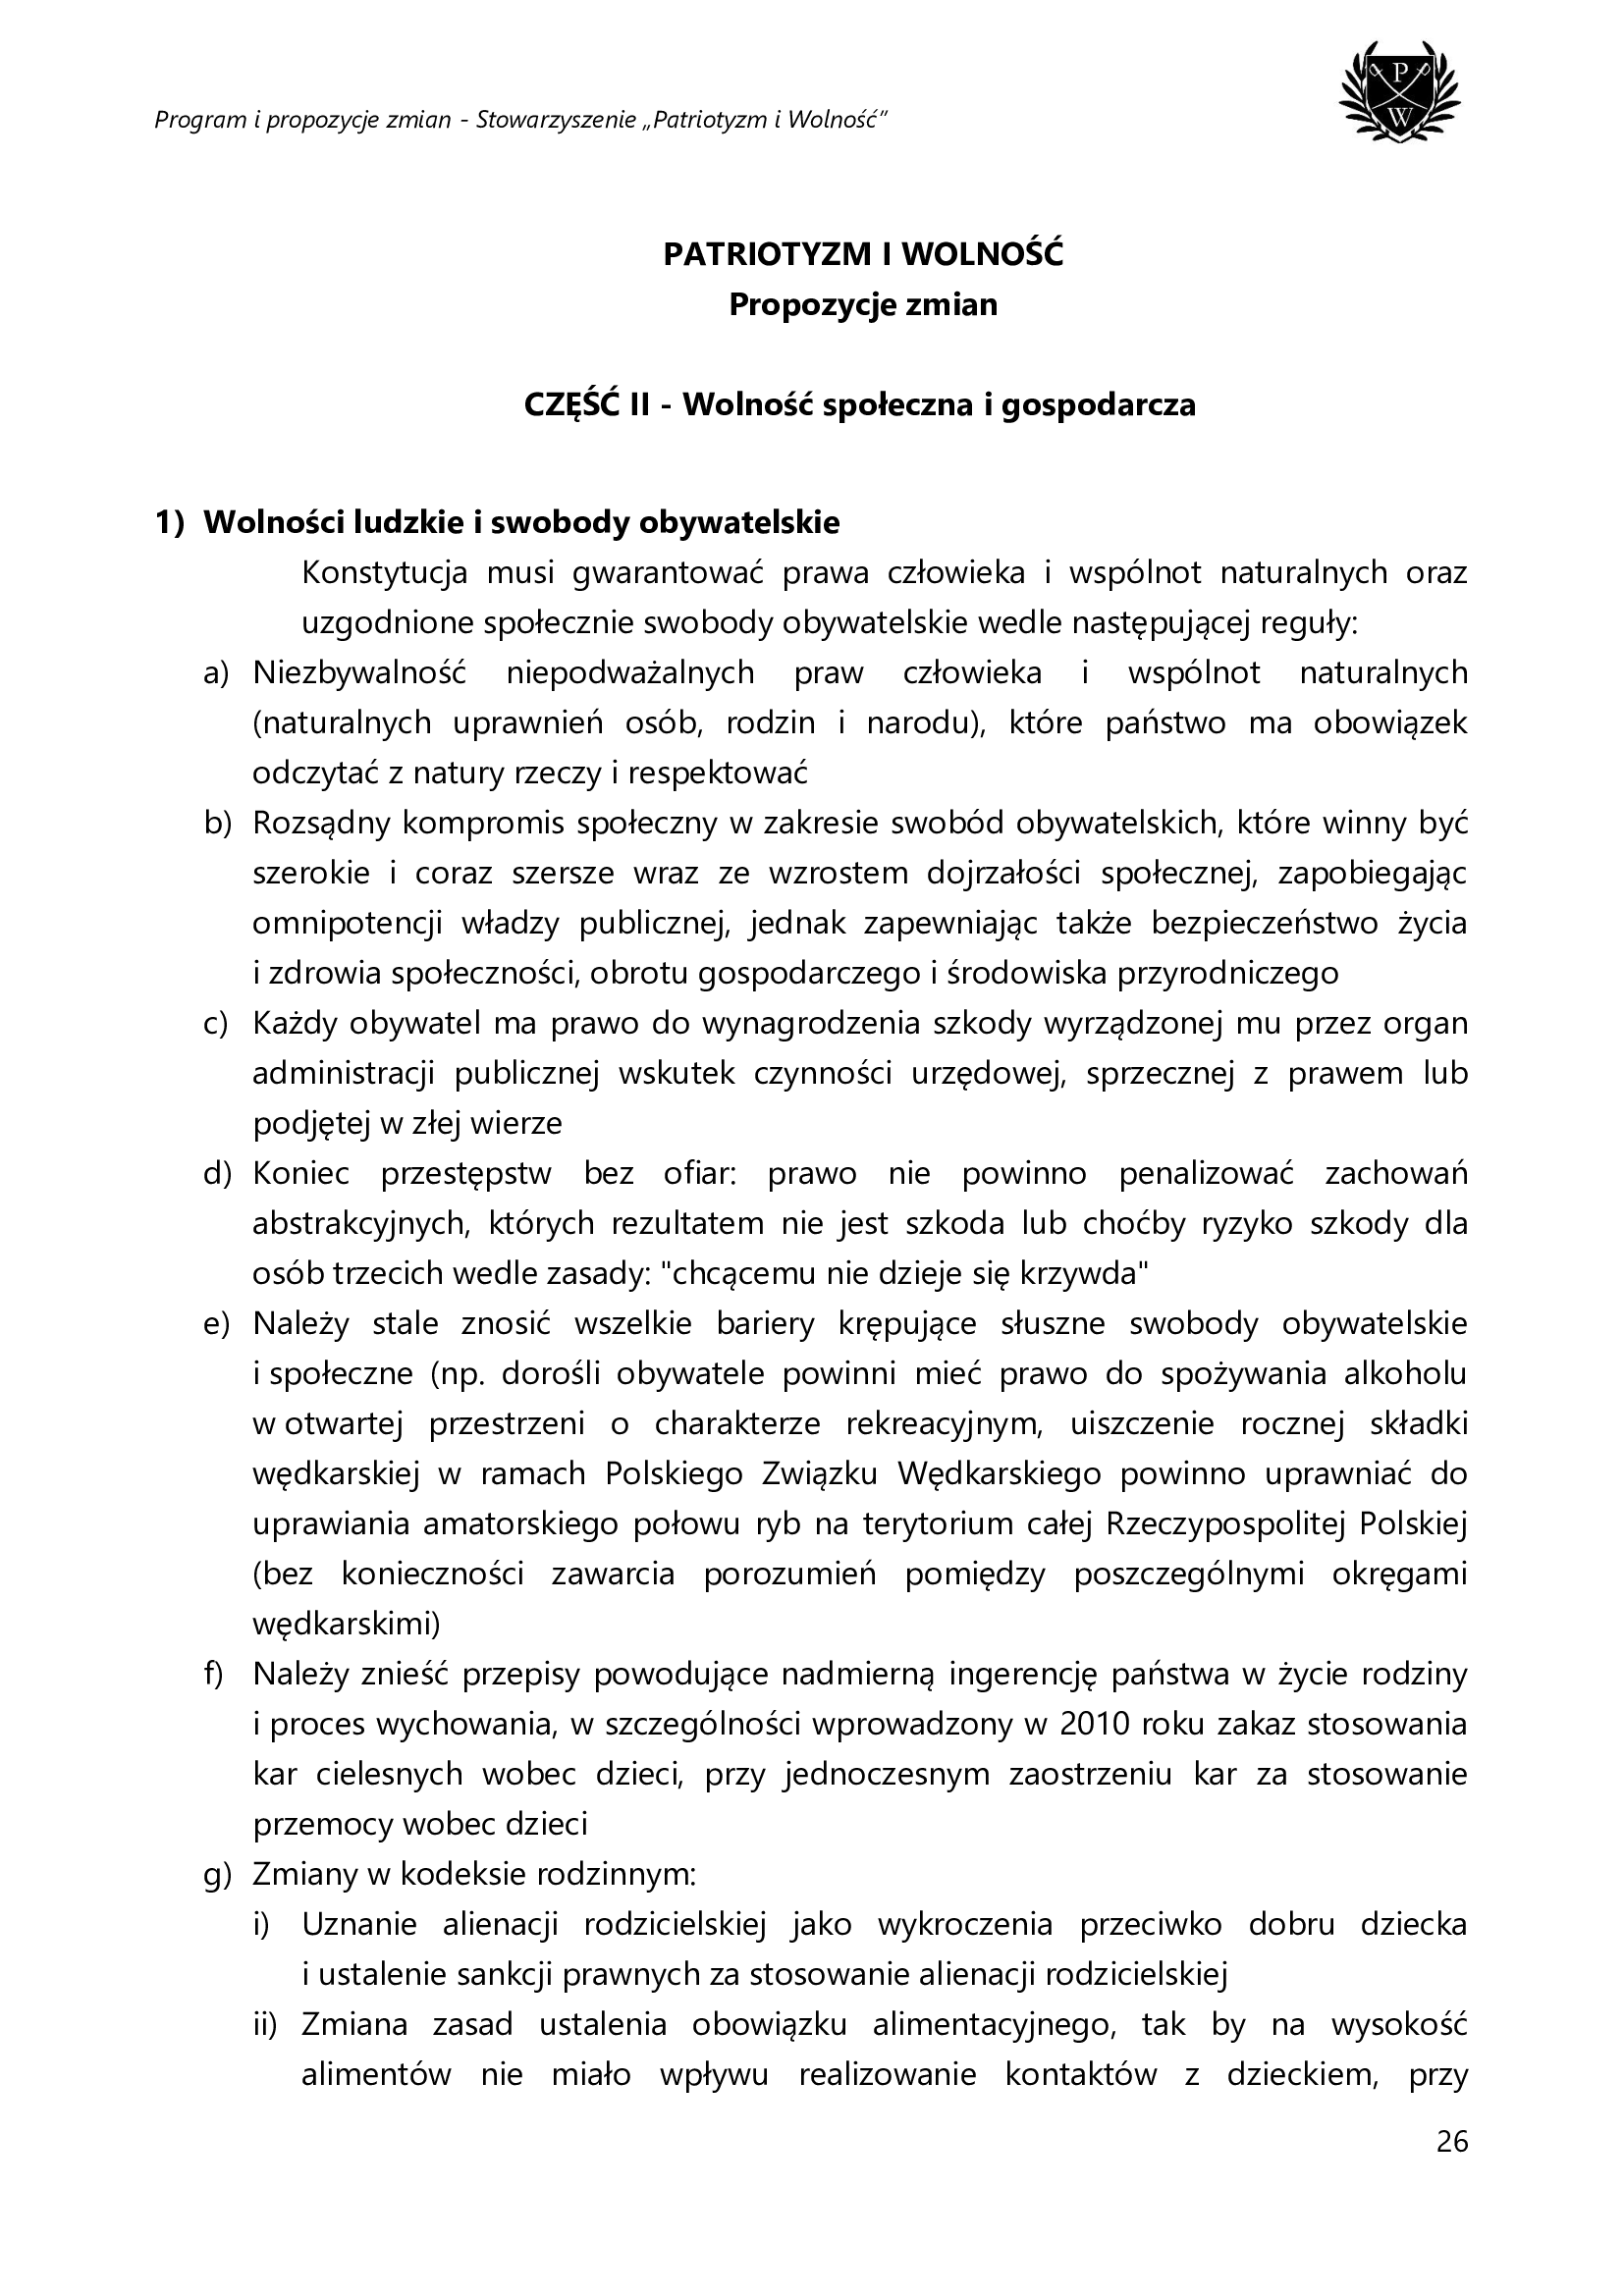 db9e272ef5a9a2e66d26f1905be6c507-26